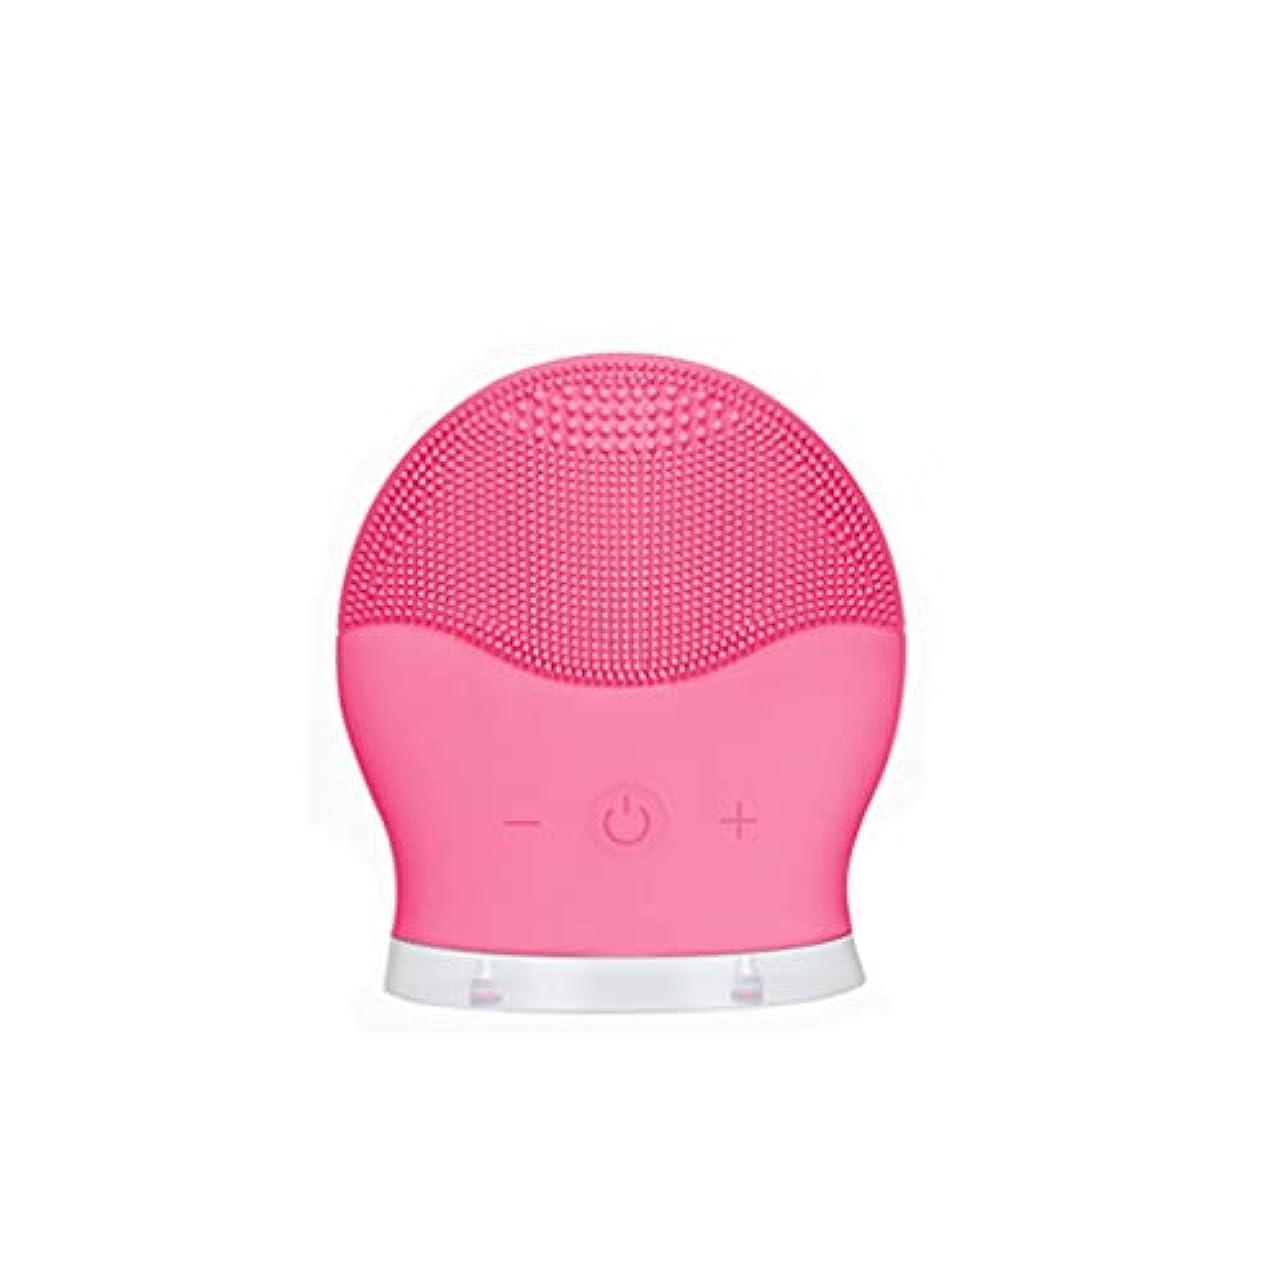 解釈フォーク最少ポータブル超音波振動シリコーンクレンジング機器、アンチエイジング顔マッサージ、毛穴を減らすために、皮膚を改善する剥離,Rosered